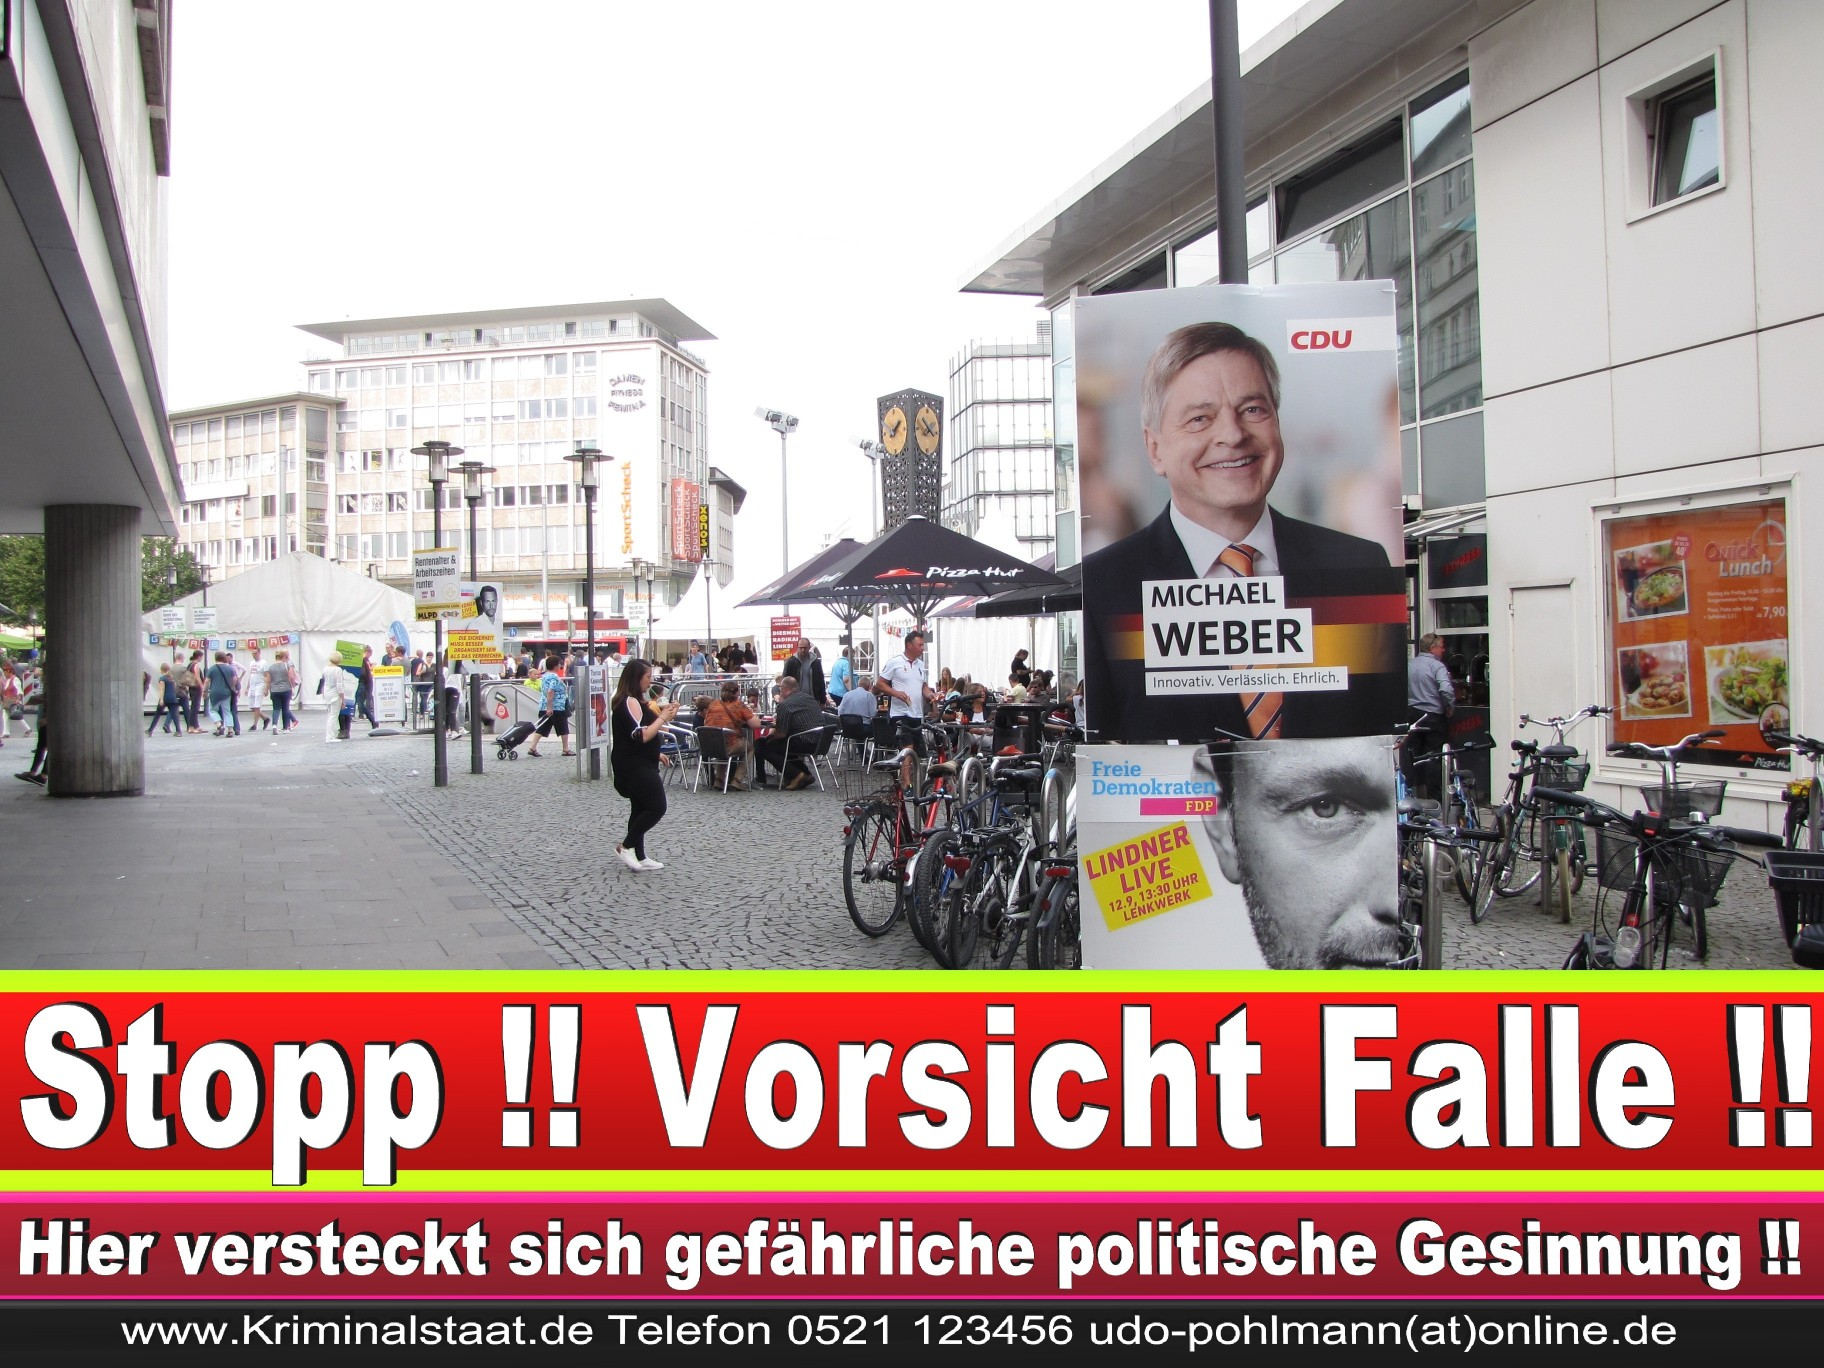 Wahlwerbung Wahlplakate Landtagswahl 2019 Europawahl CDU SPD FDP 2021 (51)